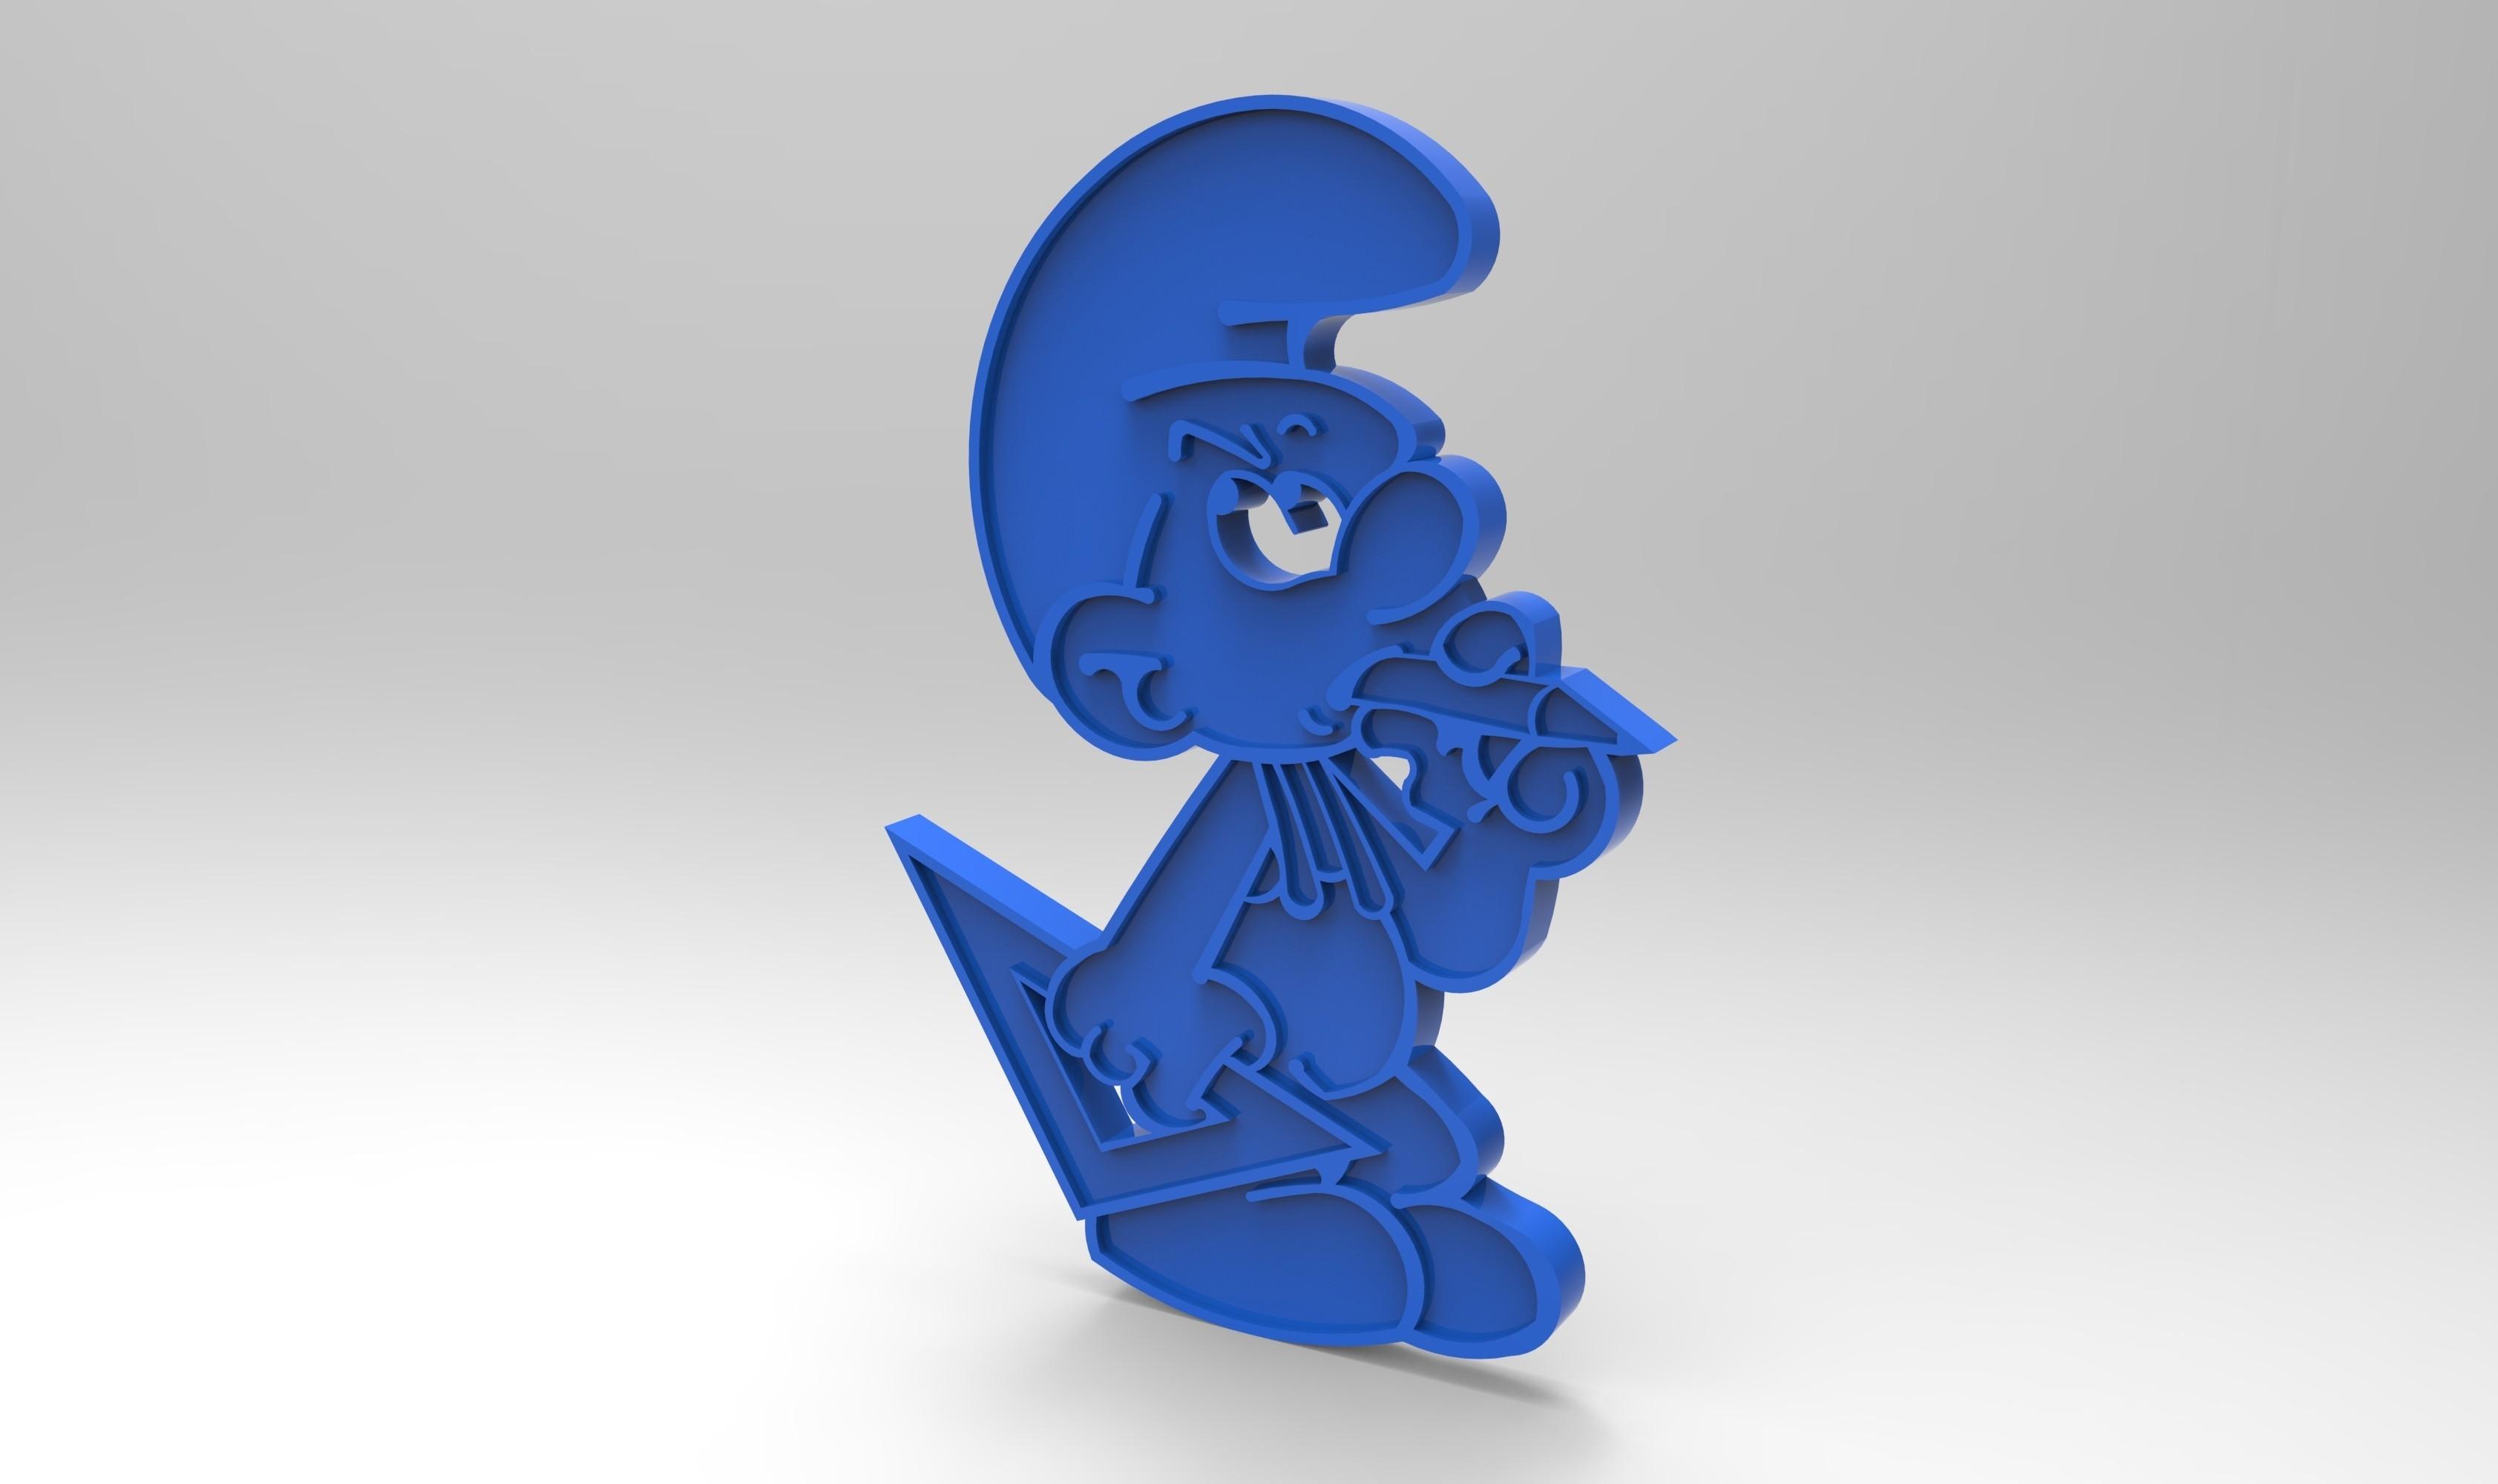 rendu schtroumpfs bricoleurplastique bleu.jpg Télécharger fichier STL gratuit figurine schtroumpfs bricoleur smurf peyo porte clef • Objet pour impression 3D, GuilhemPerroud